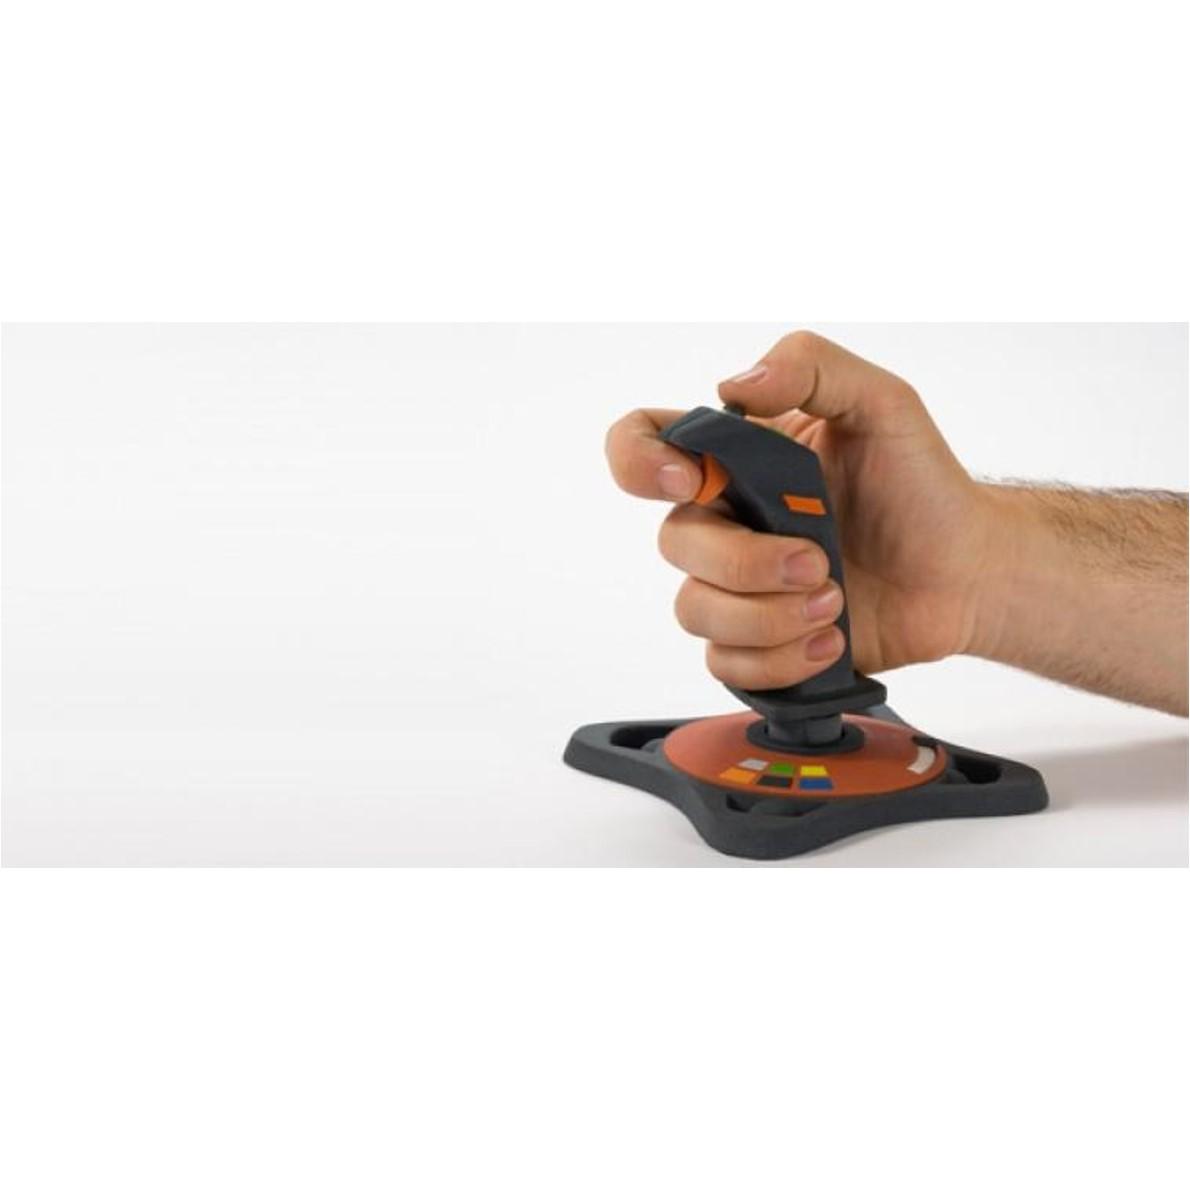 3d-systems-zprinter650-joystick-hand_0.jpg